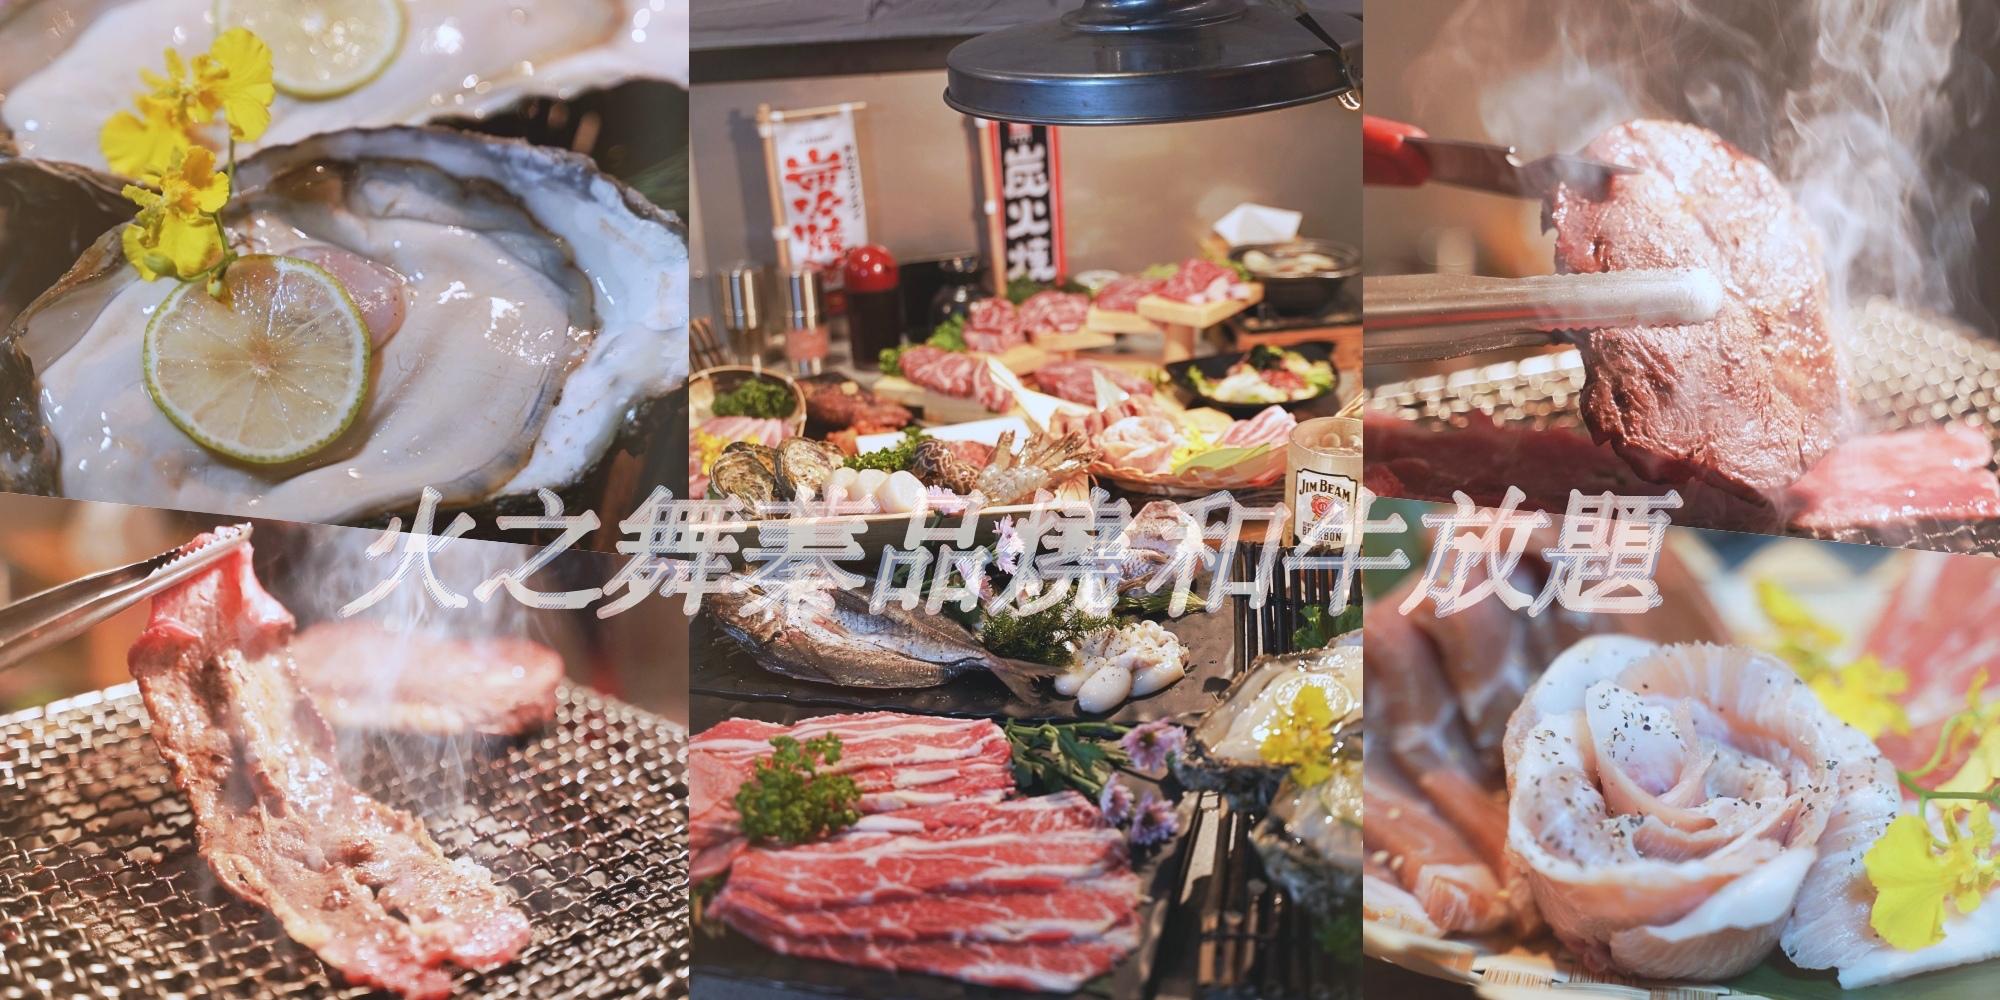 火之舞蓁品燒 和牛放題桃園店|桃園南崁高檔燒肉吃到飽|桃園燒肉啤酒喝到飽(菜單、價格)